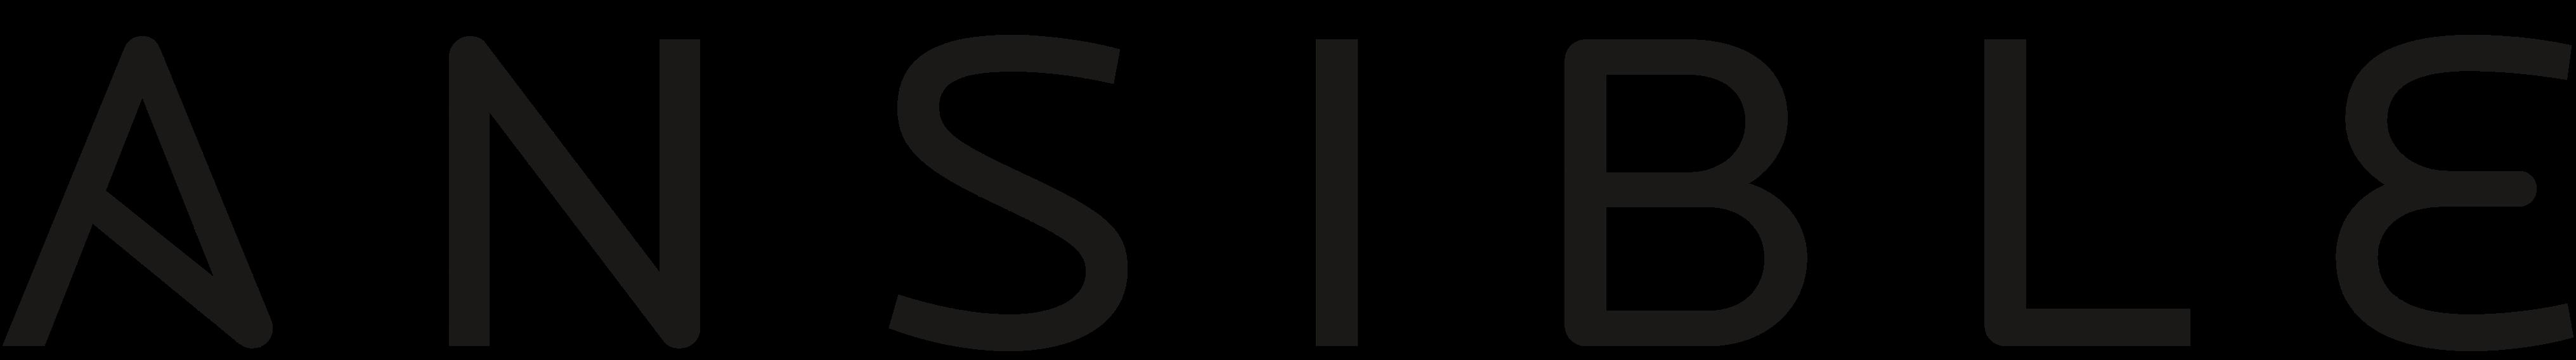 Ansible_logo_.png